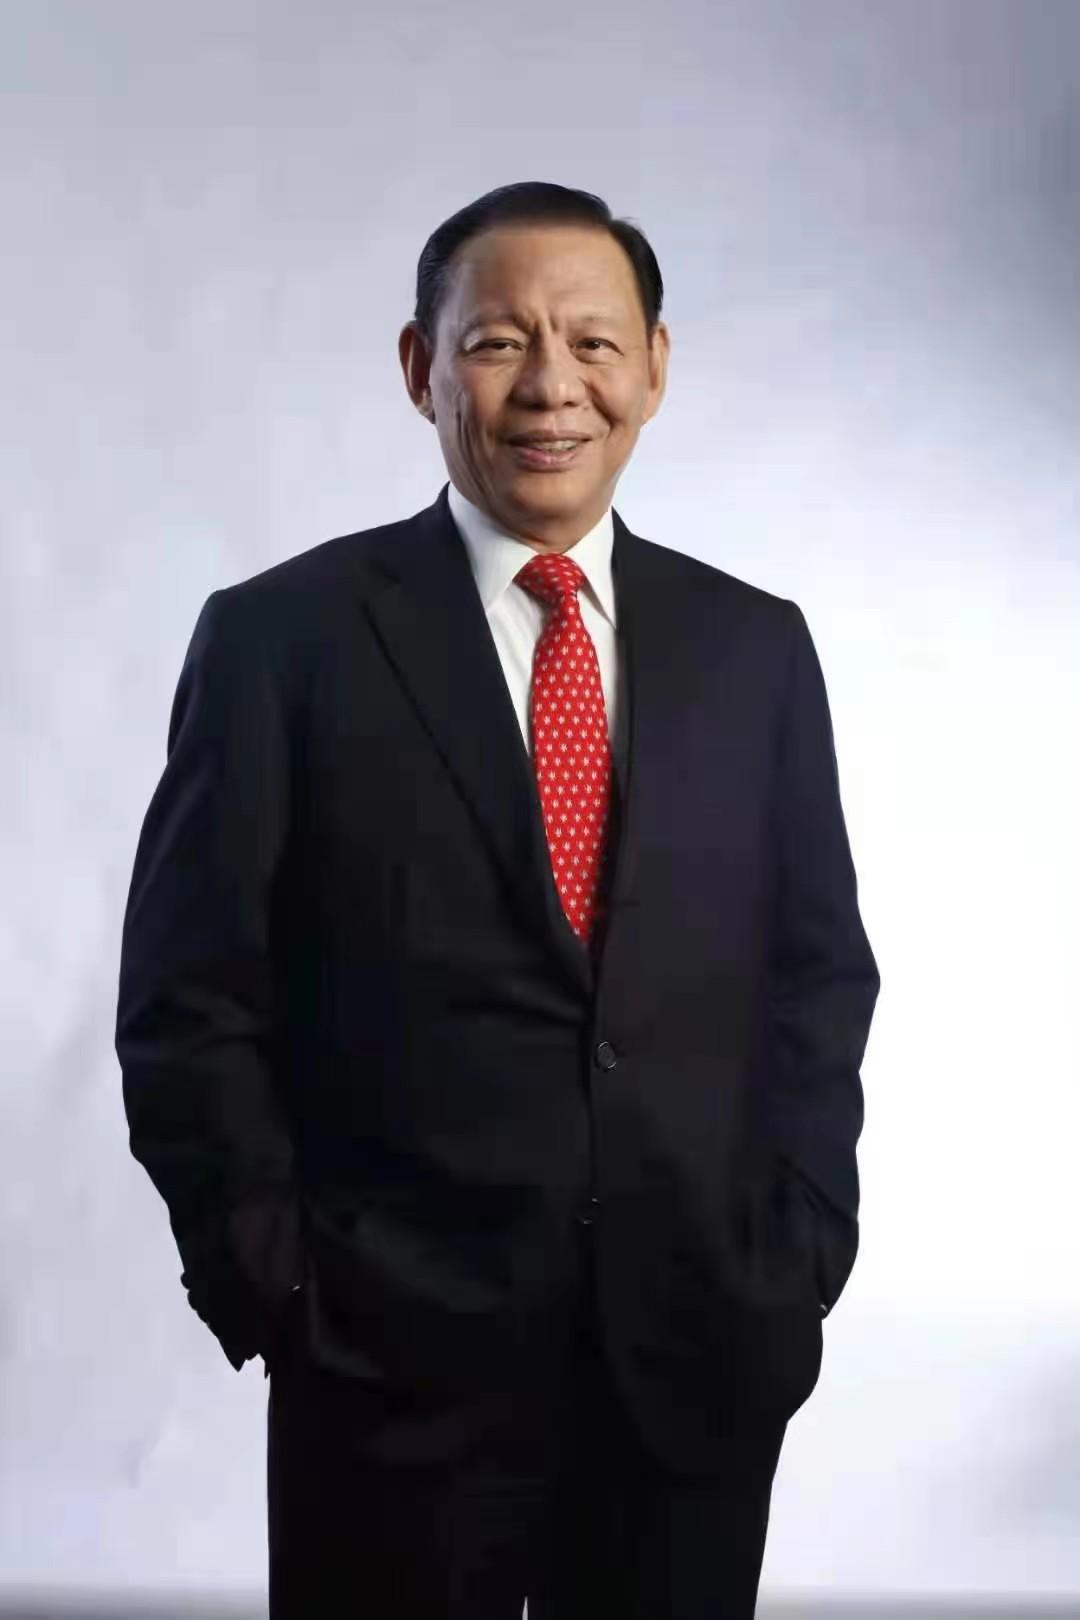 陈江和:新加坡金鹰集团主席